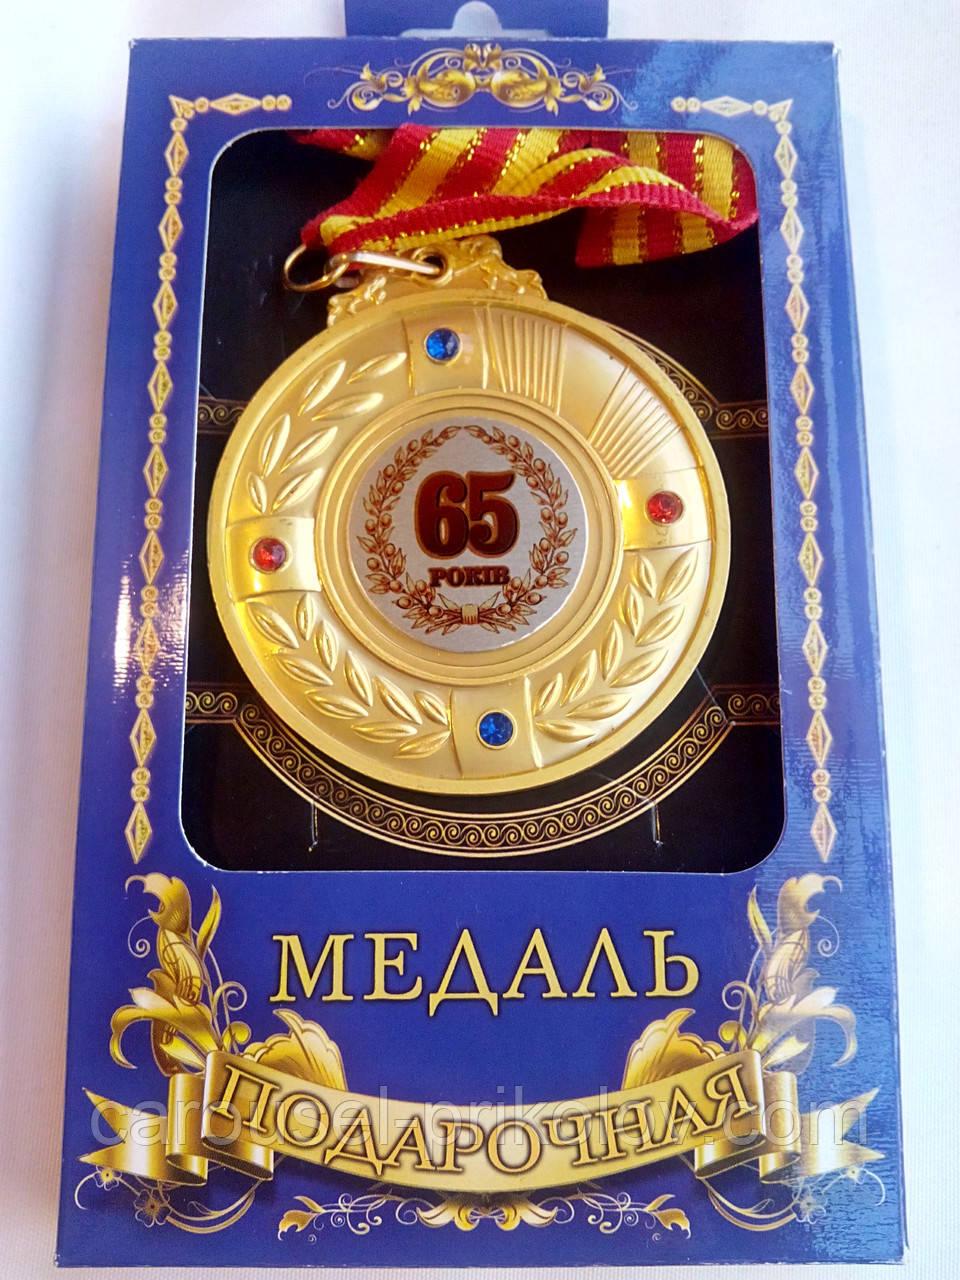 Медаль юбилейная 65 років